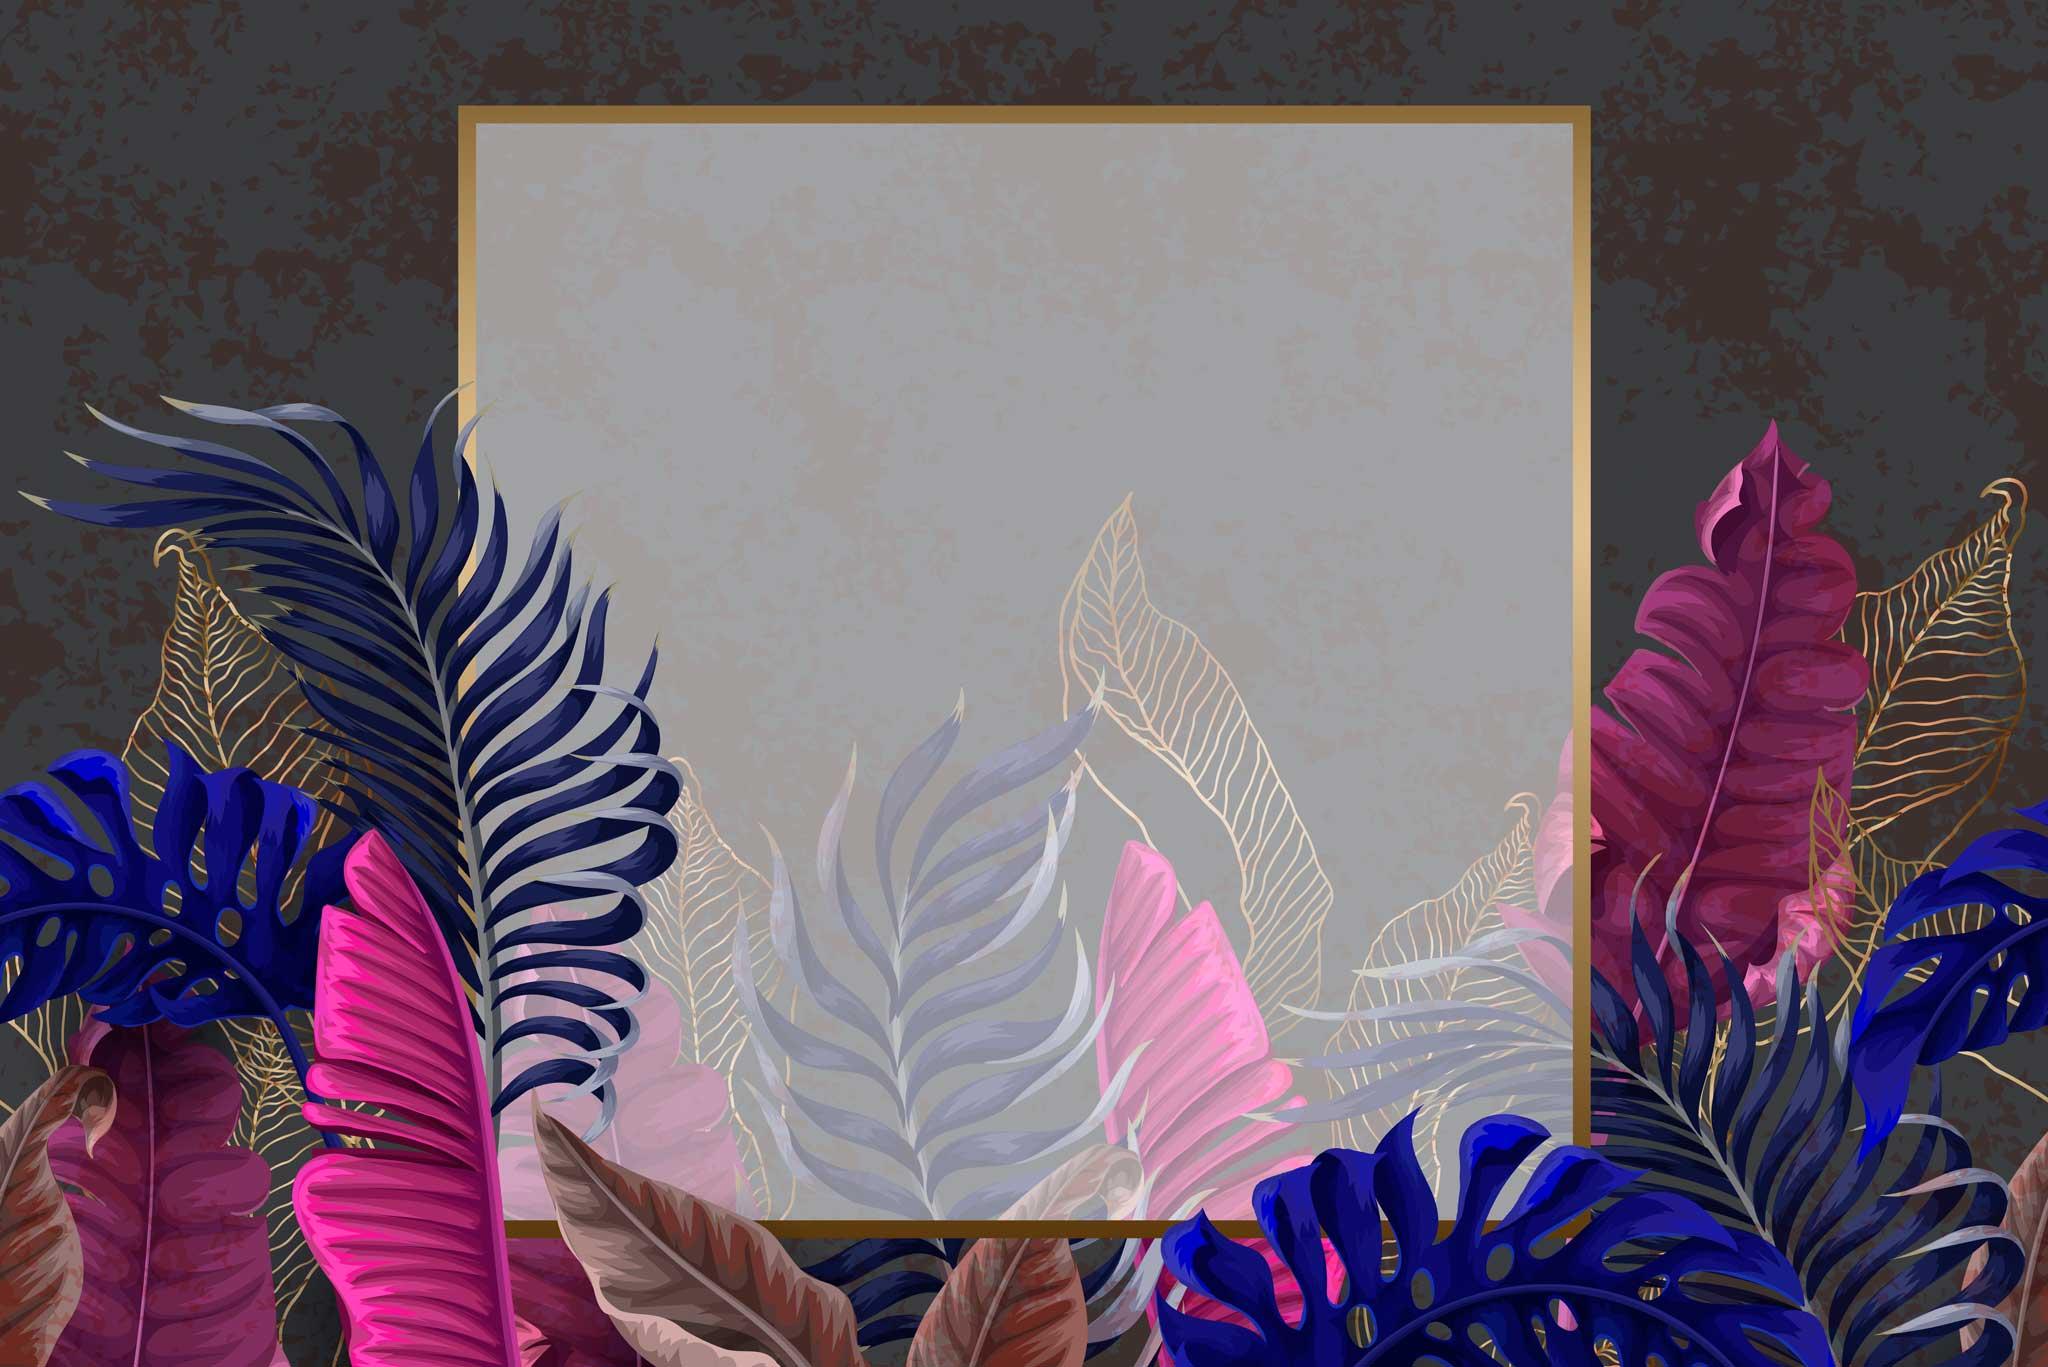 tapet-fototapet-design-decor-mural-customizabil-comanda-personalizat-bucuresti-daring-prints-motiv-model-vegetal-frunze-exotice-tropicale-colorat-multicolor